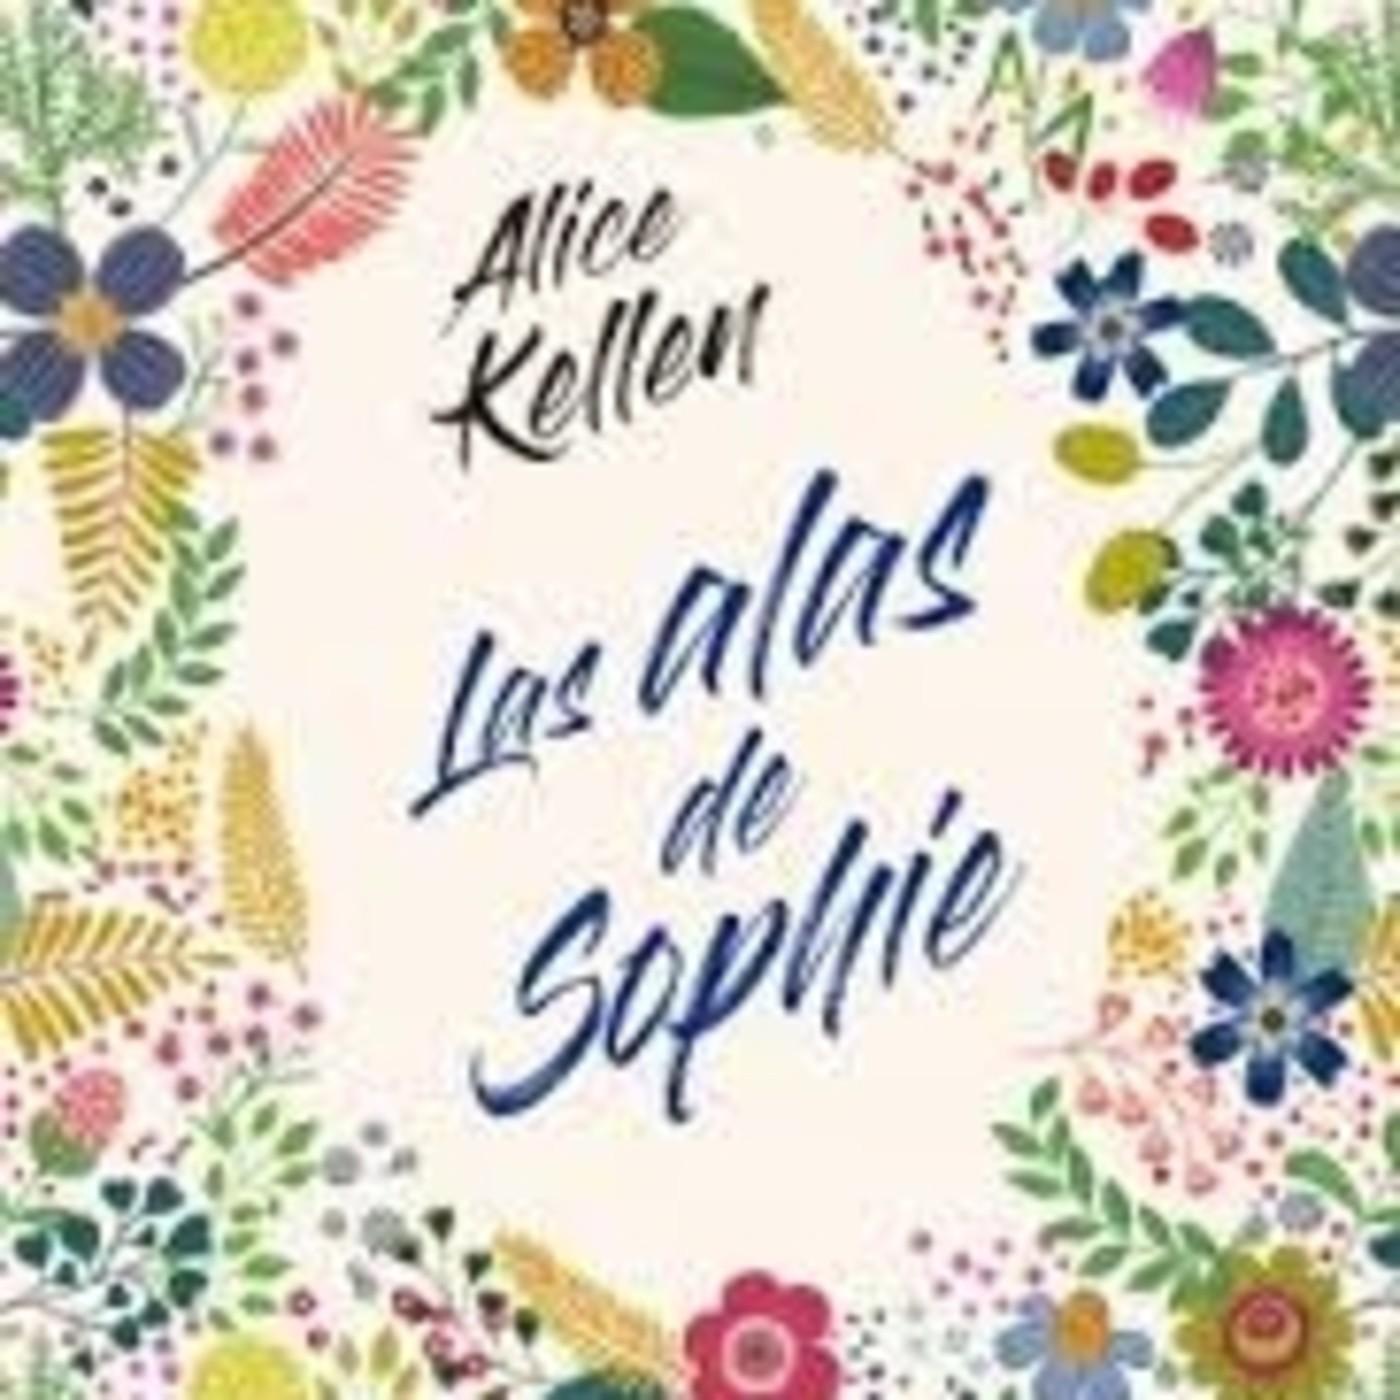 'Las alas de Sophie' de Alice Kellen